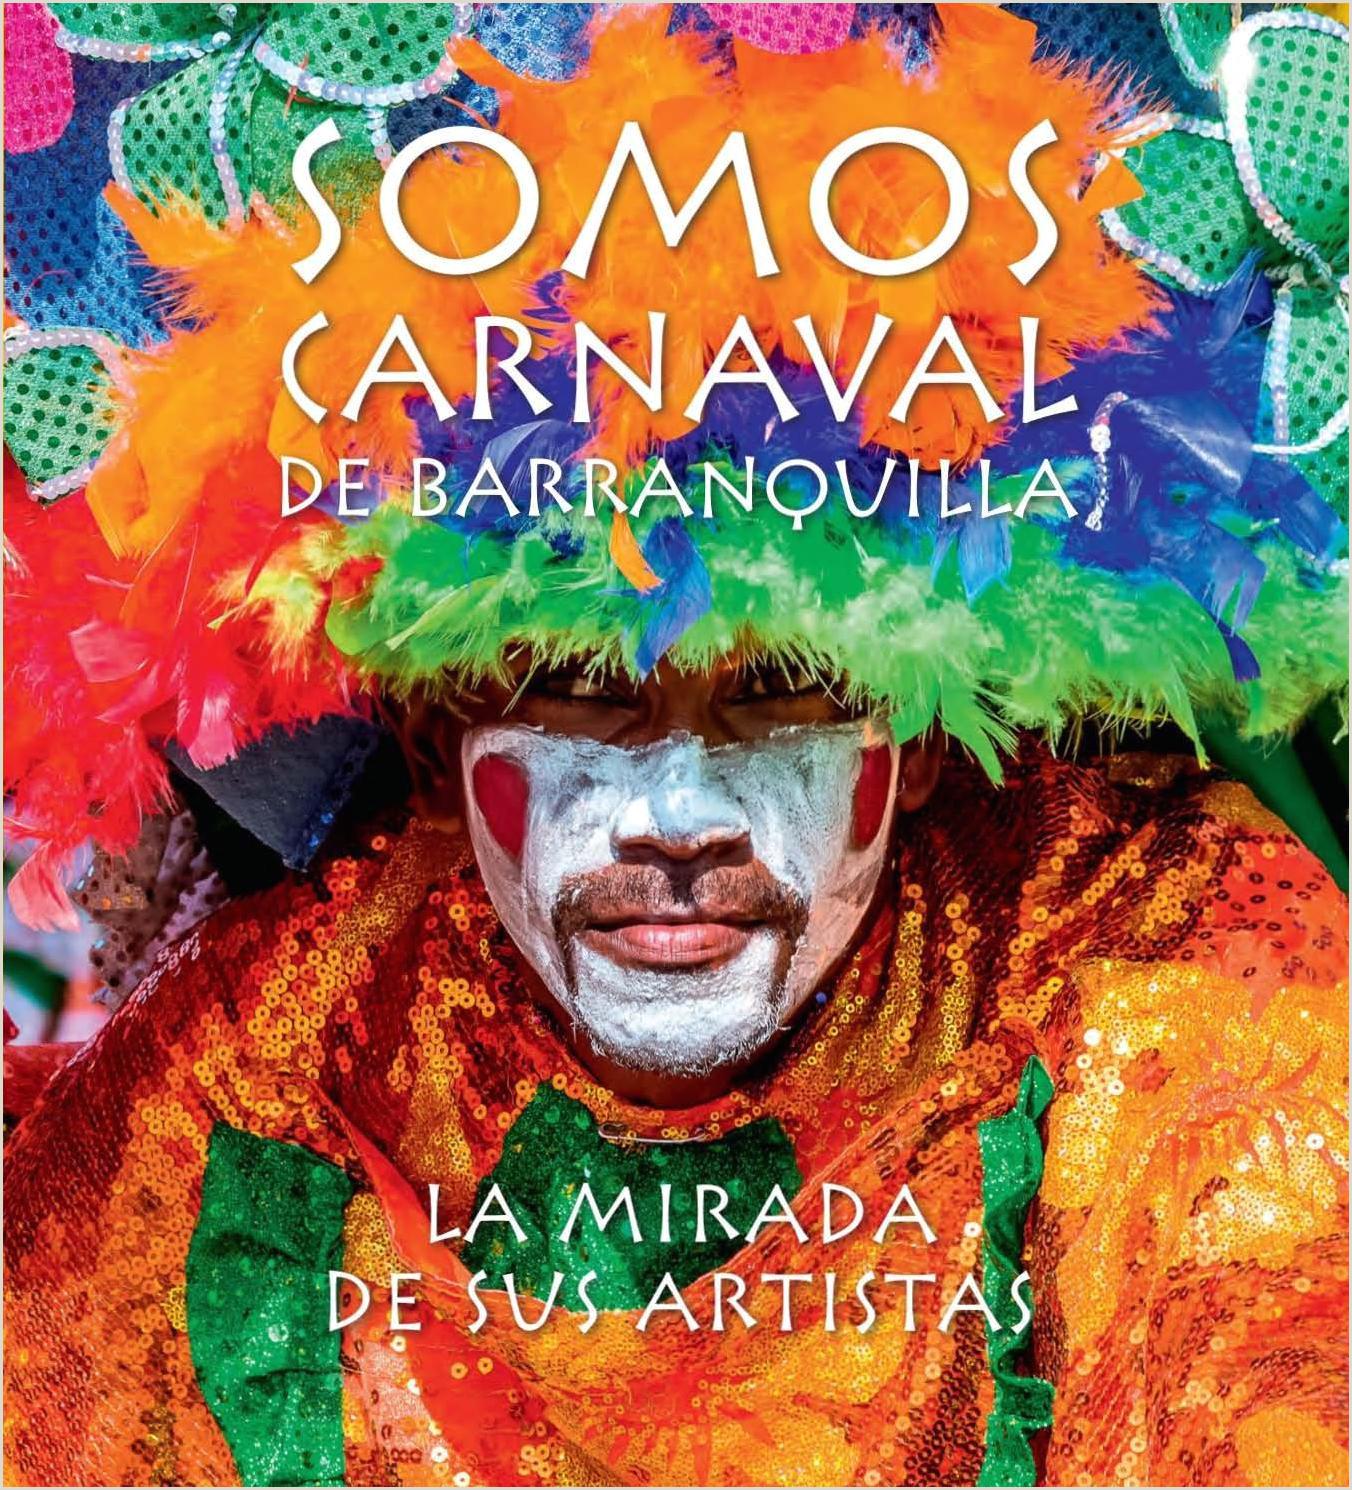 Revista Somos Carnaval de Barranquilla La mirada y sus